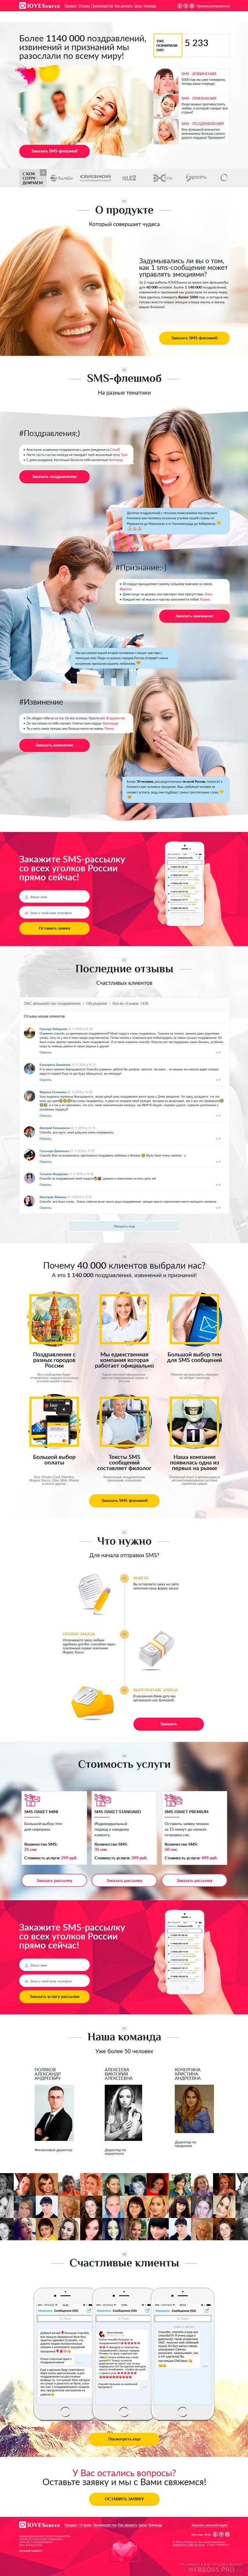 Создание сайта: Сайт для SMS флэшмоба (после)